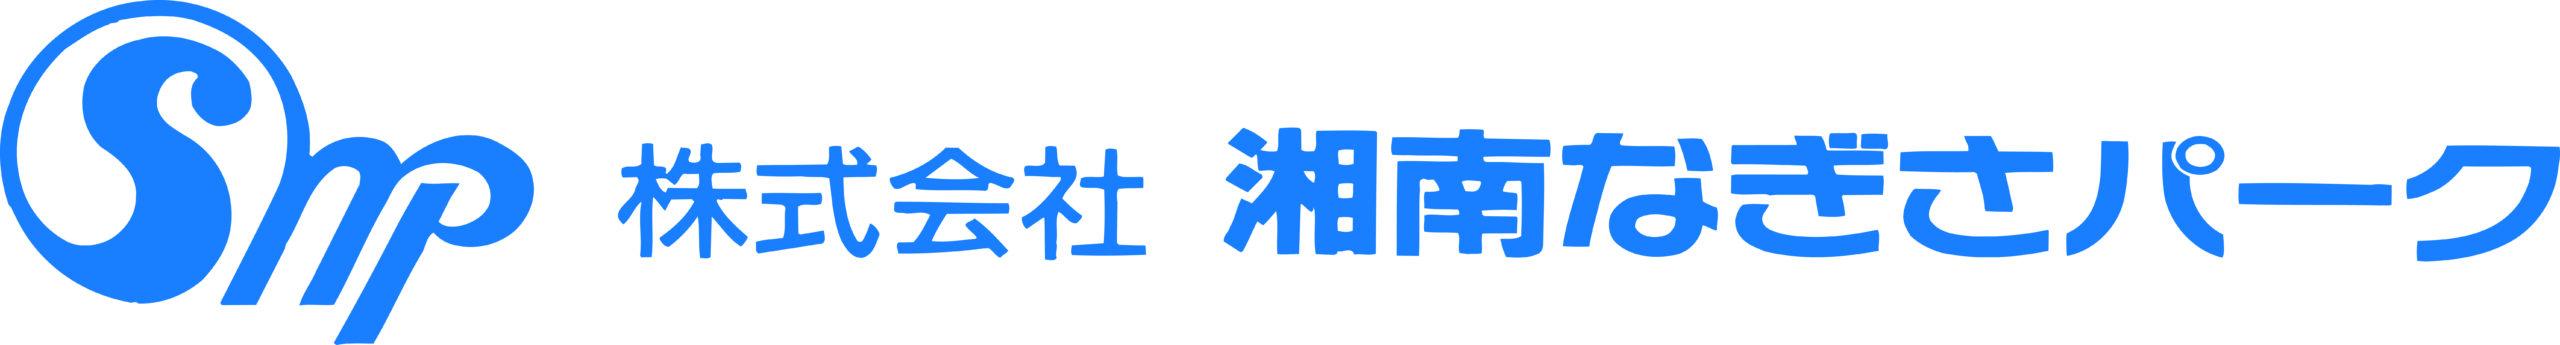 株式会社湘南なぎさパーク